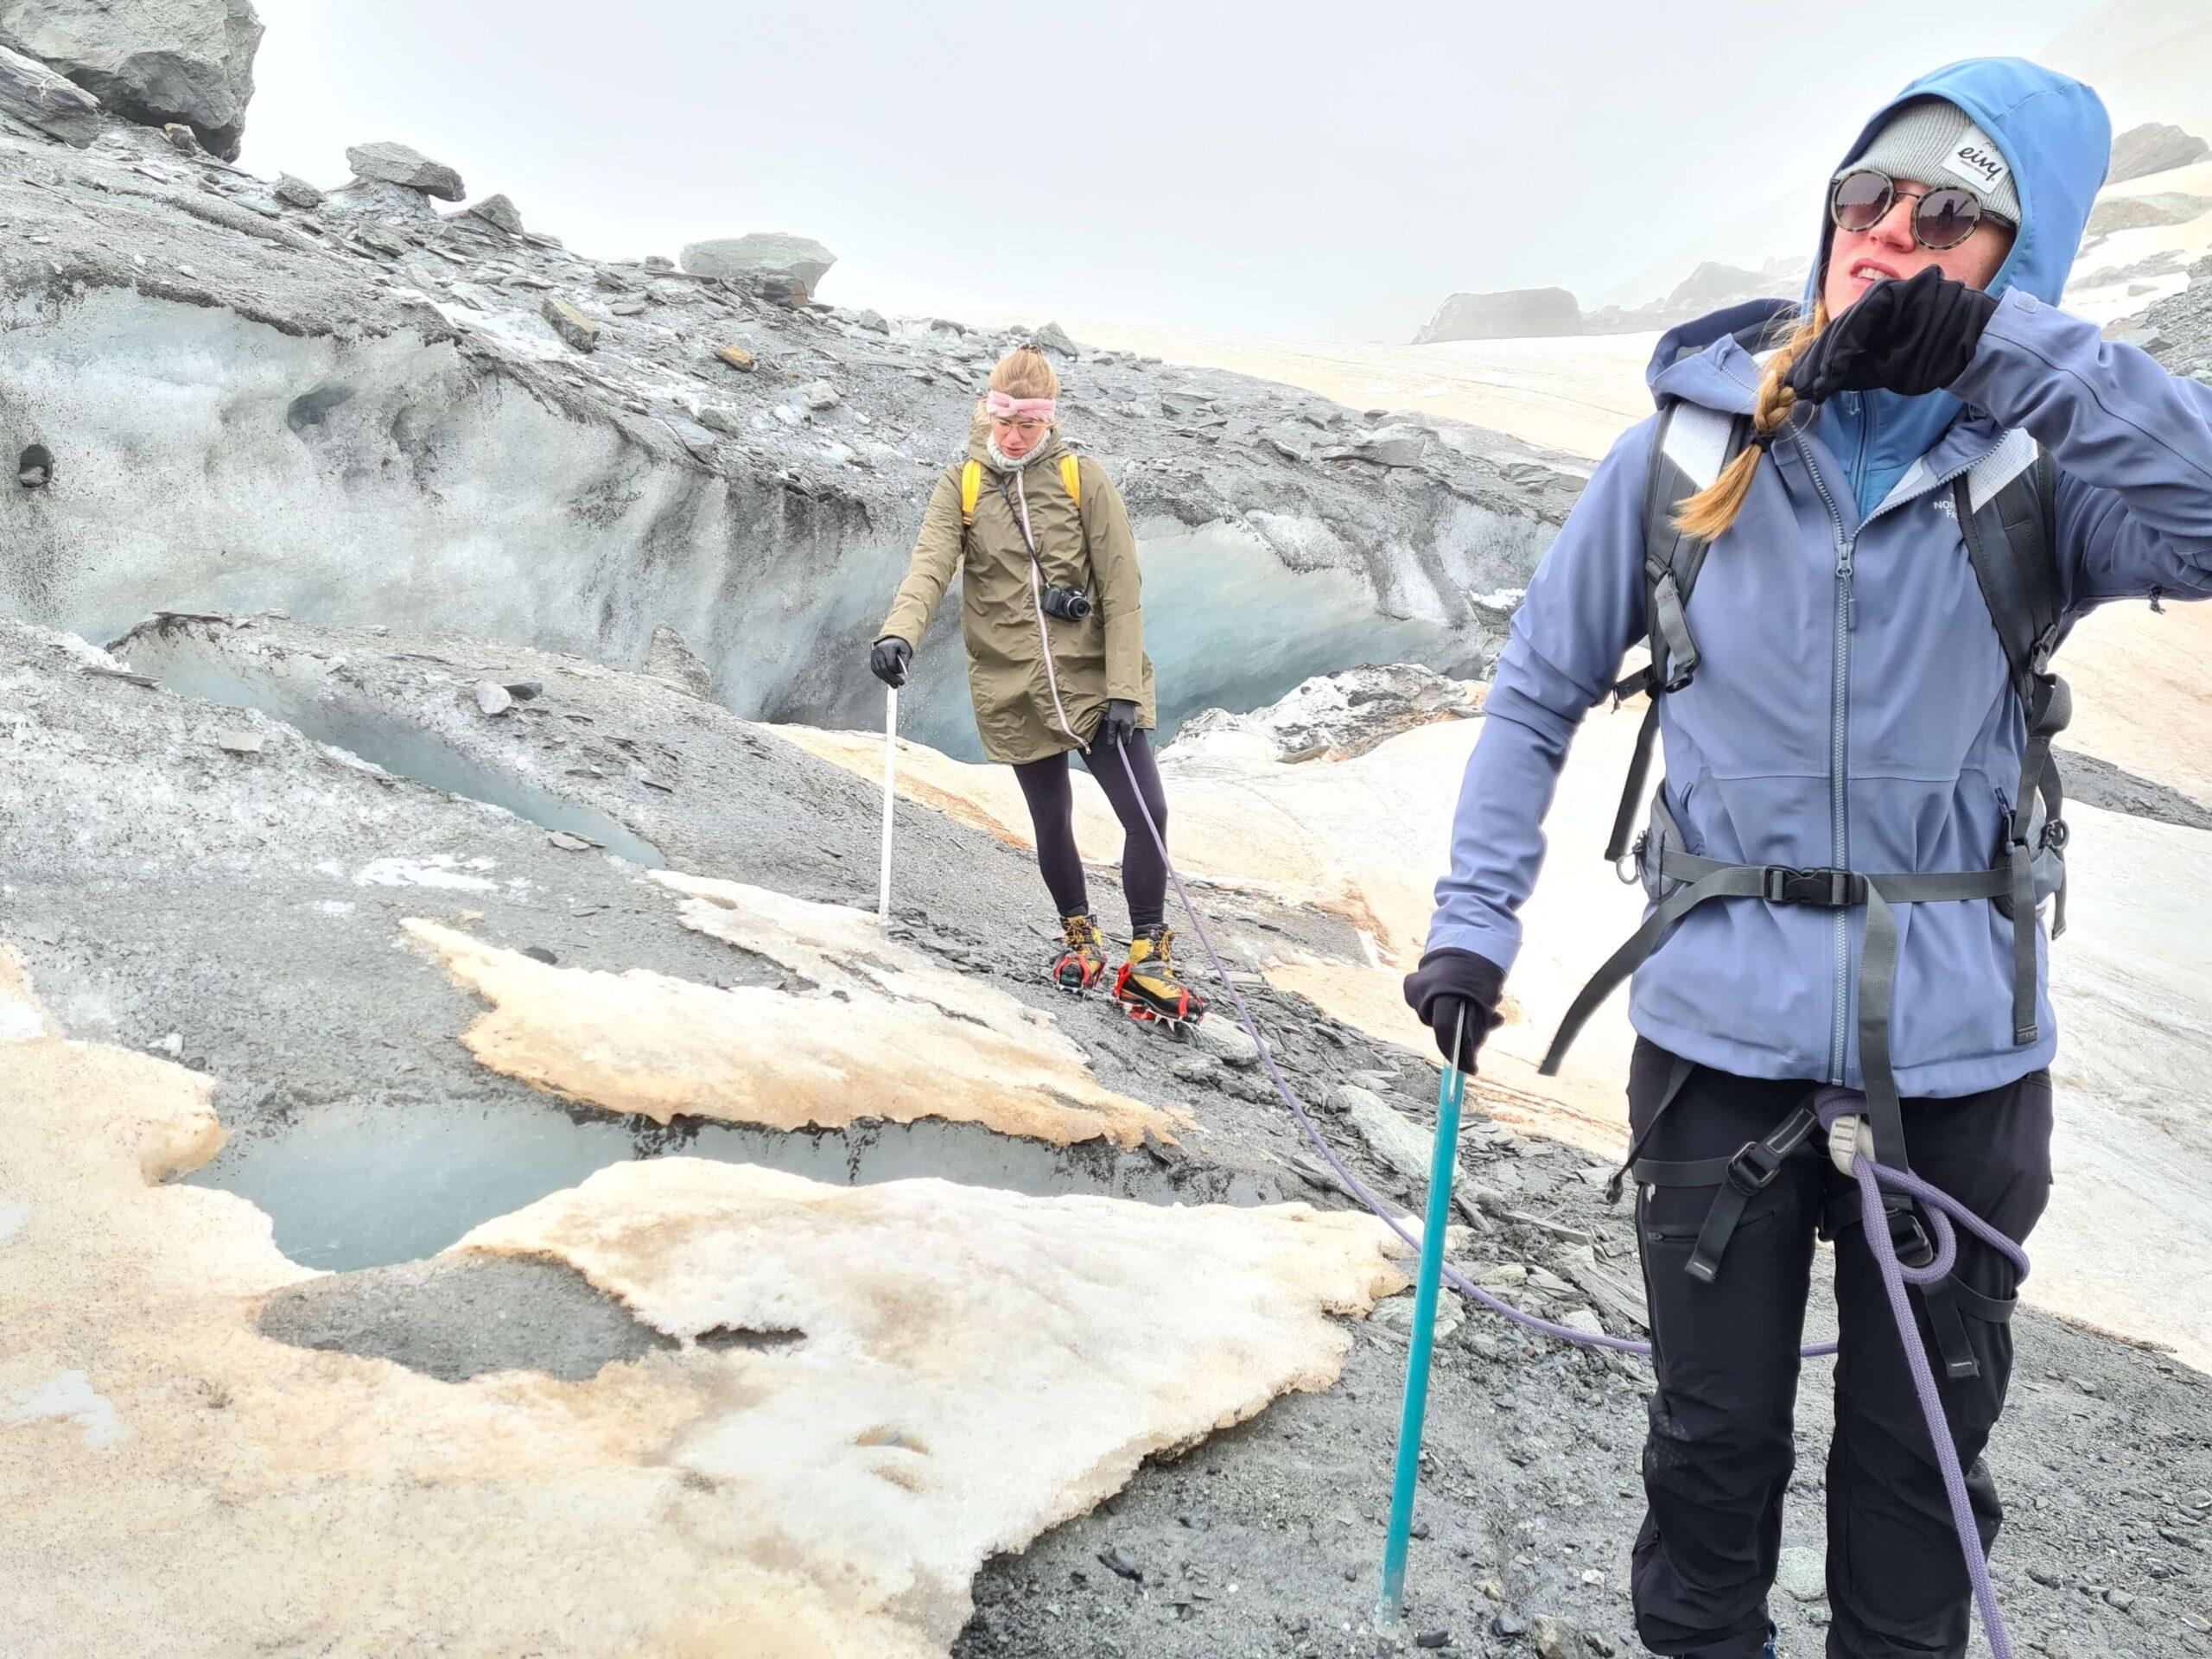 Met gebruik van de stijgijzers en de ijsbijl beklimmen we de gletsjer van Val Thorens